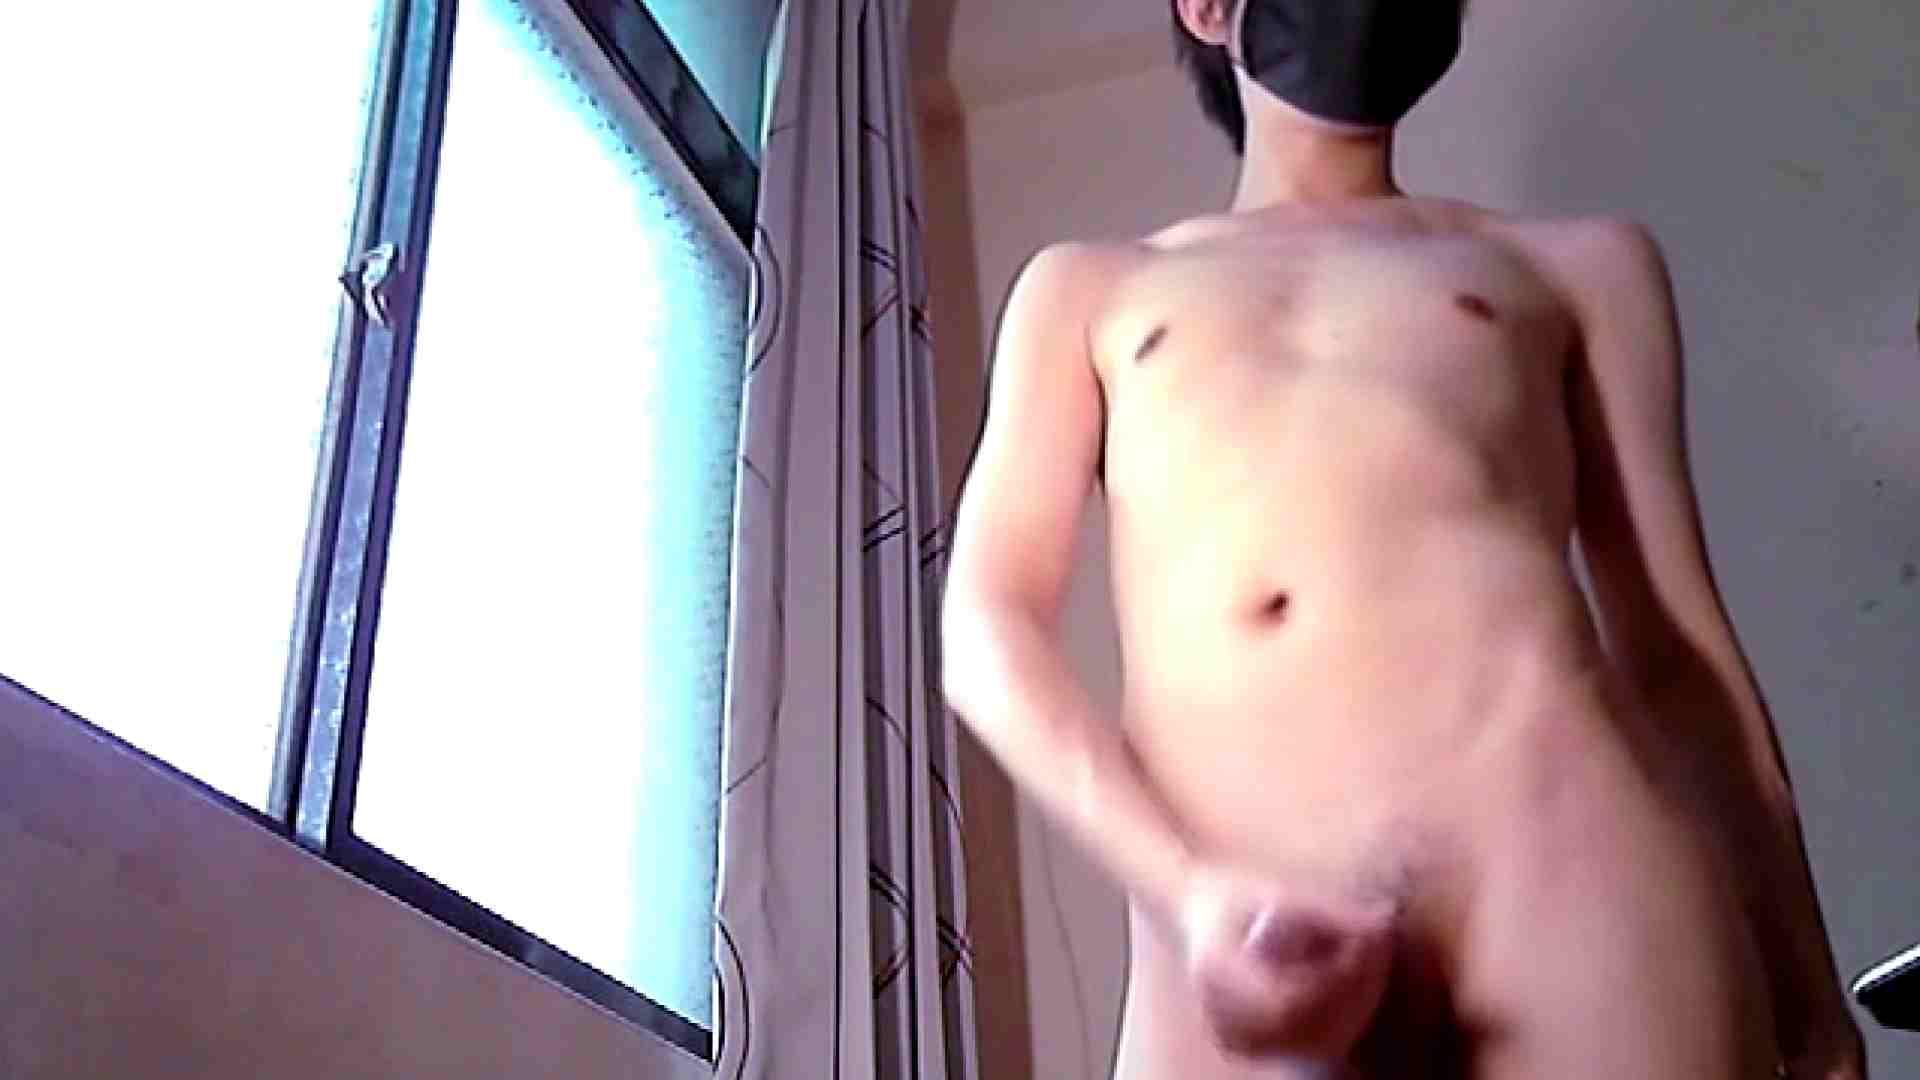 ぎゃんかわ男子のはれんちオナニー  vol.05 オナニー | 男どうし アダルトビデオ画像キャプチャ 110pic 37